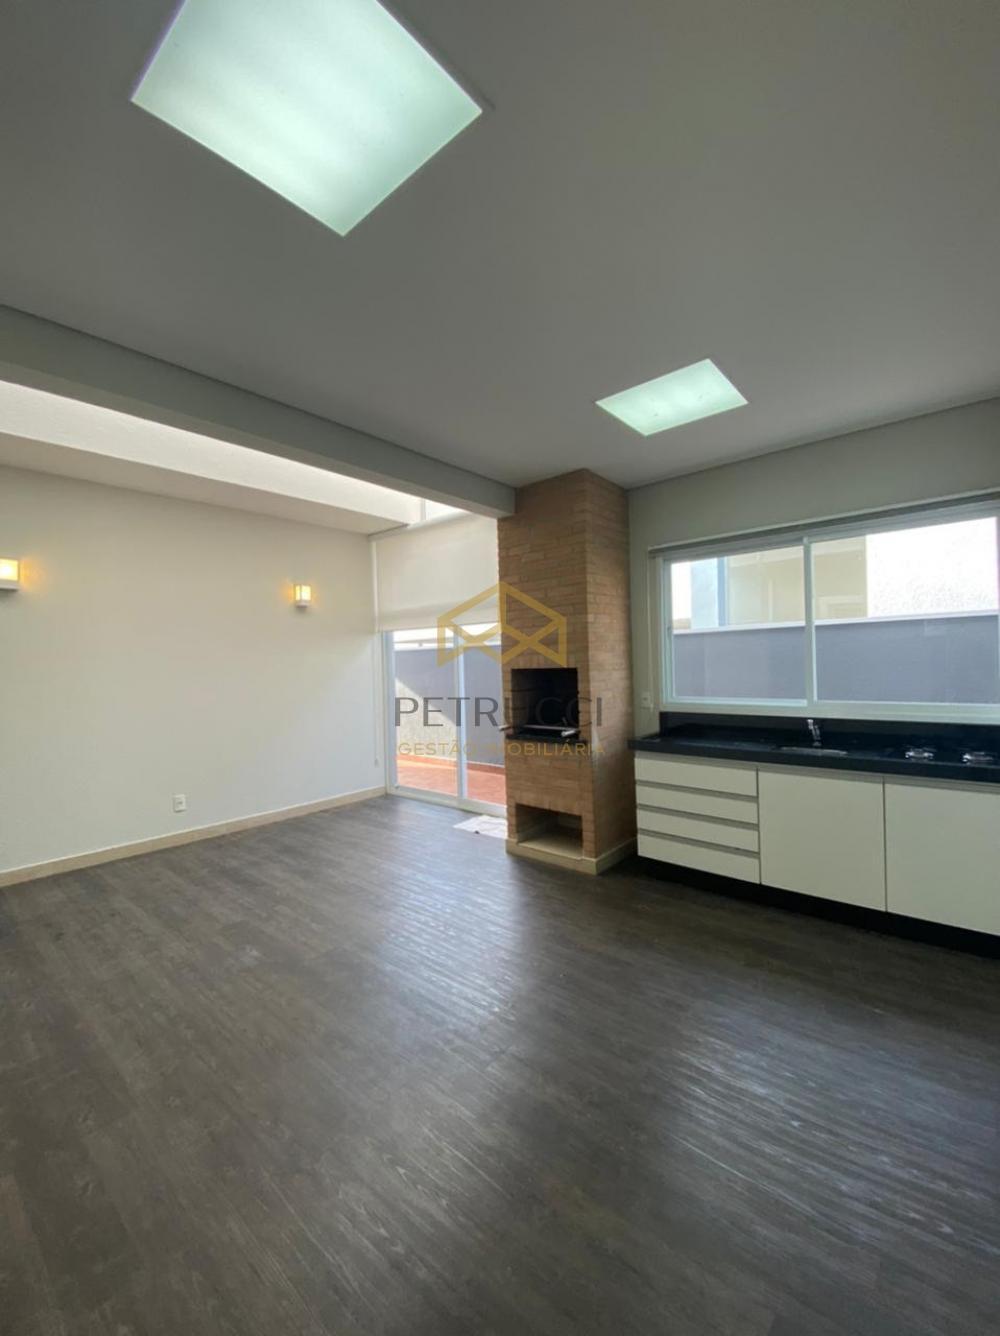 Comprar Casa / Térrea em Paulínia R$ 990.000,00 - Foto 6